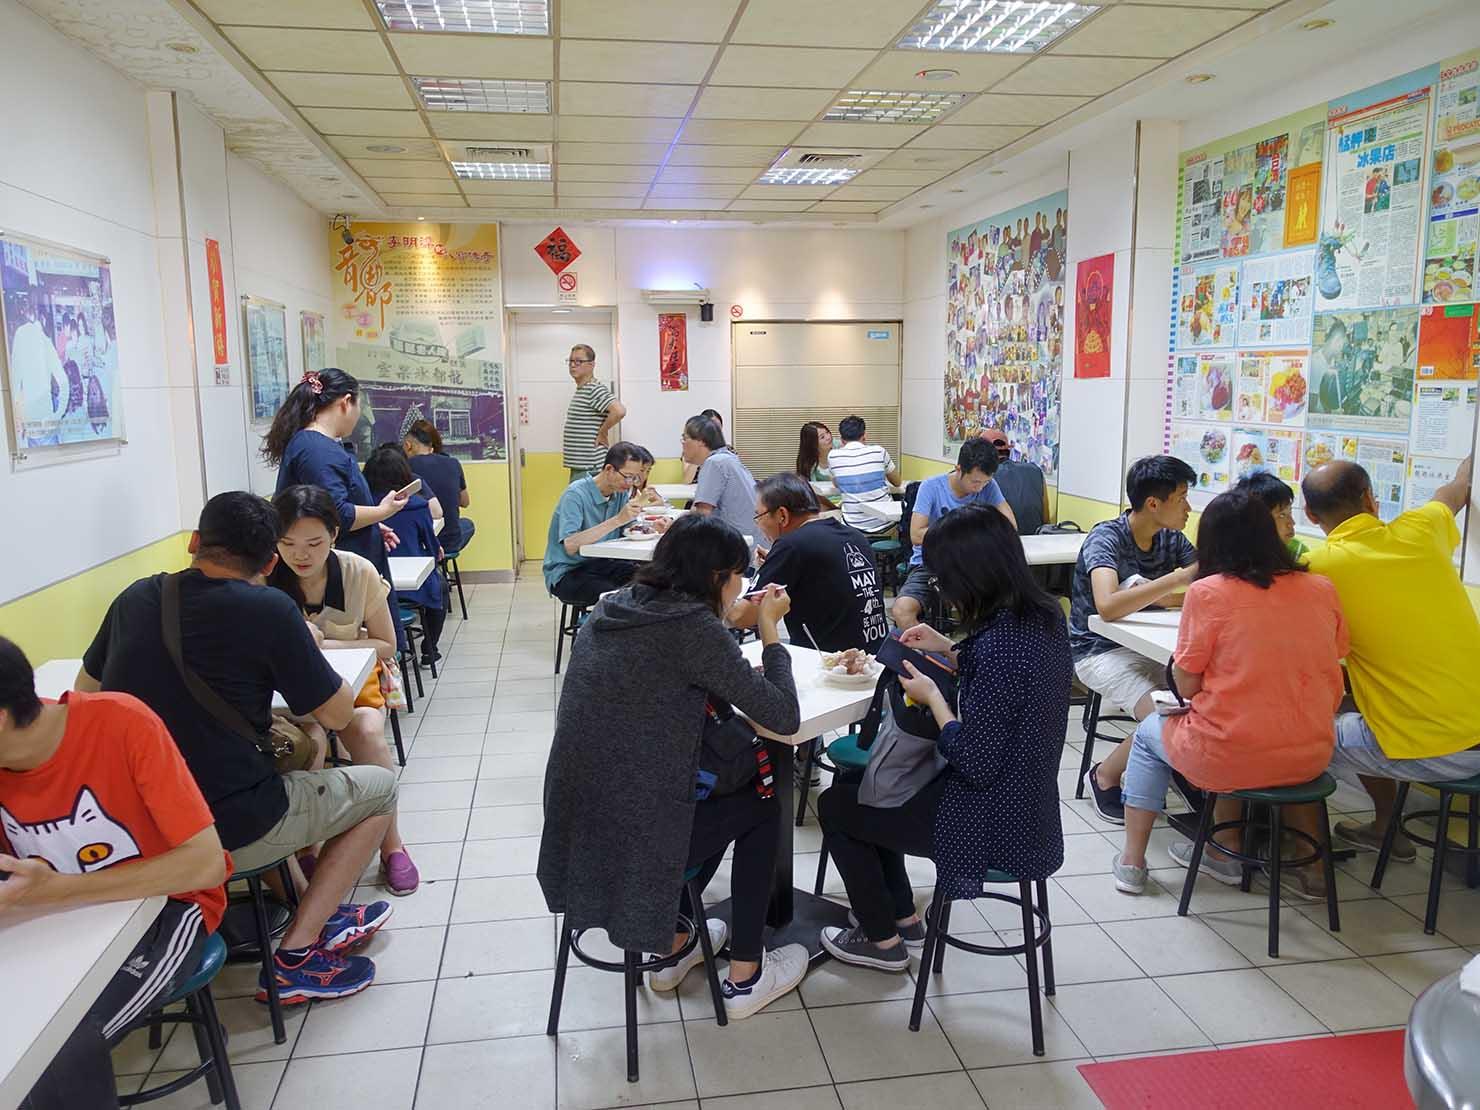 台北・龍山寺エリアのおすすめグルメ店「龍都冰菓專業家」の店内